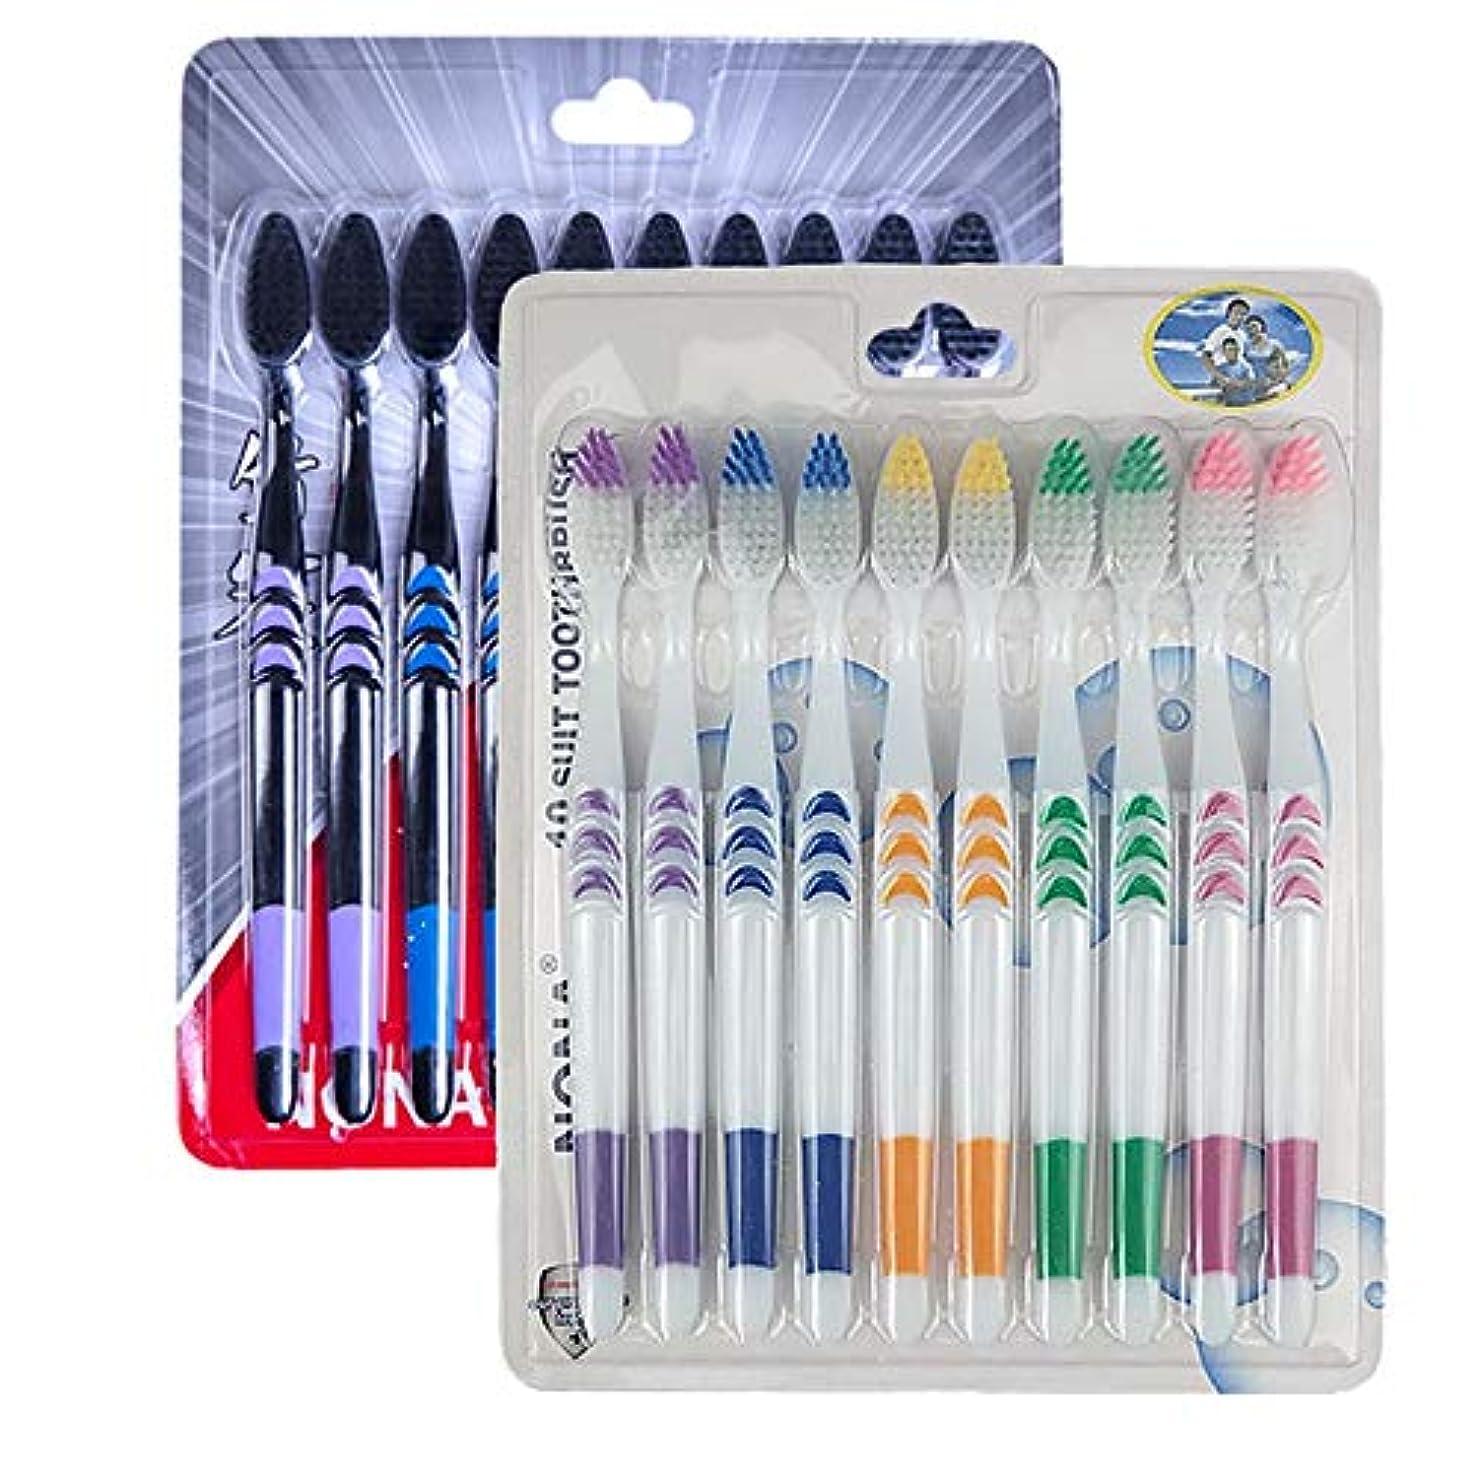 大胆なスリム別の歯ブラシ 20パック歯ブラシ、竹炭歯ブラシ、大人歯ブラシ、歯茎をマッサージ - 使用可能なスタイルの3種類 KHL (色 : C, サイズ : 20 packs)